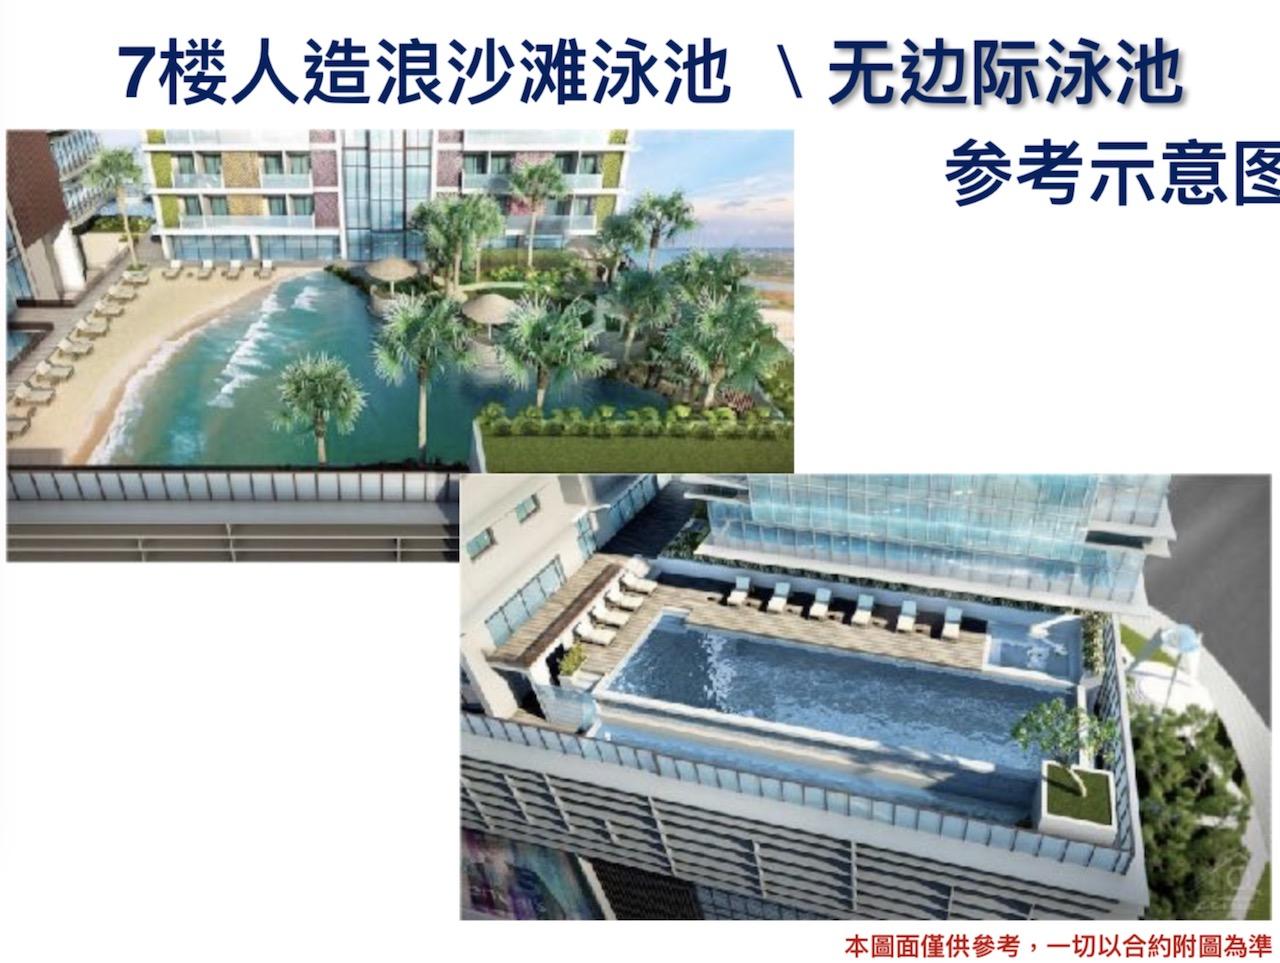 7楼人造沙滩示意图.jpg